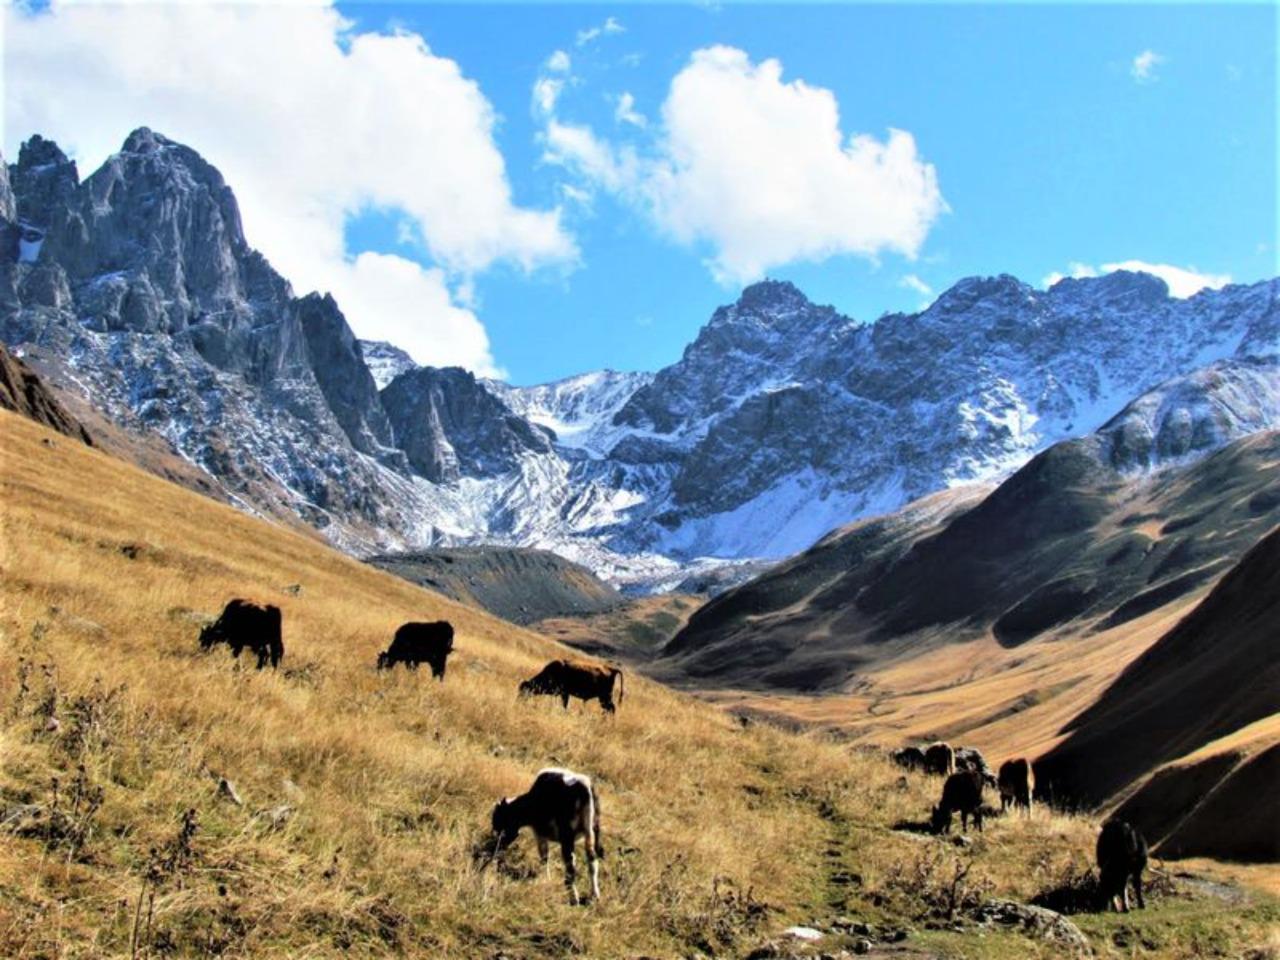 Легендарный Казбеги - индивидуальная экскурсия в Тбилиси от опытного гида